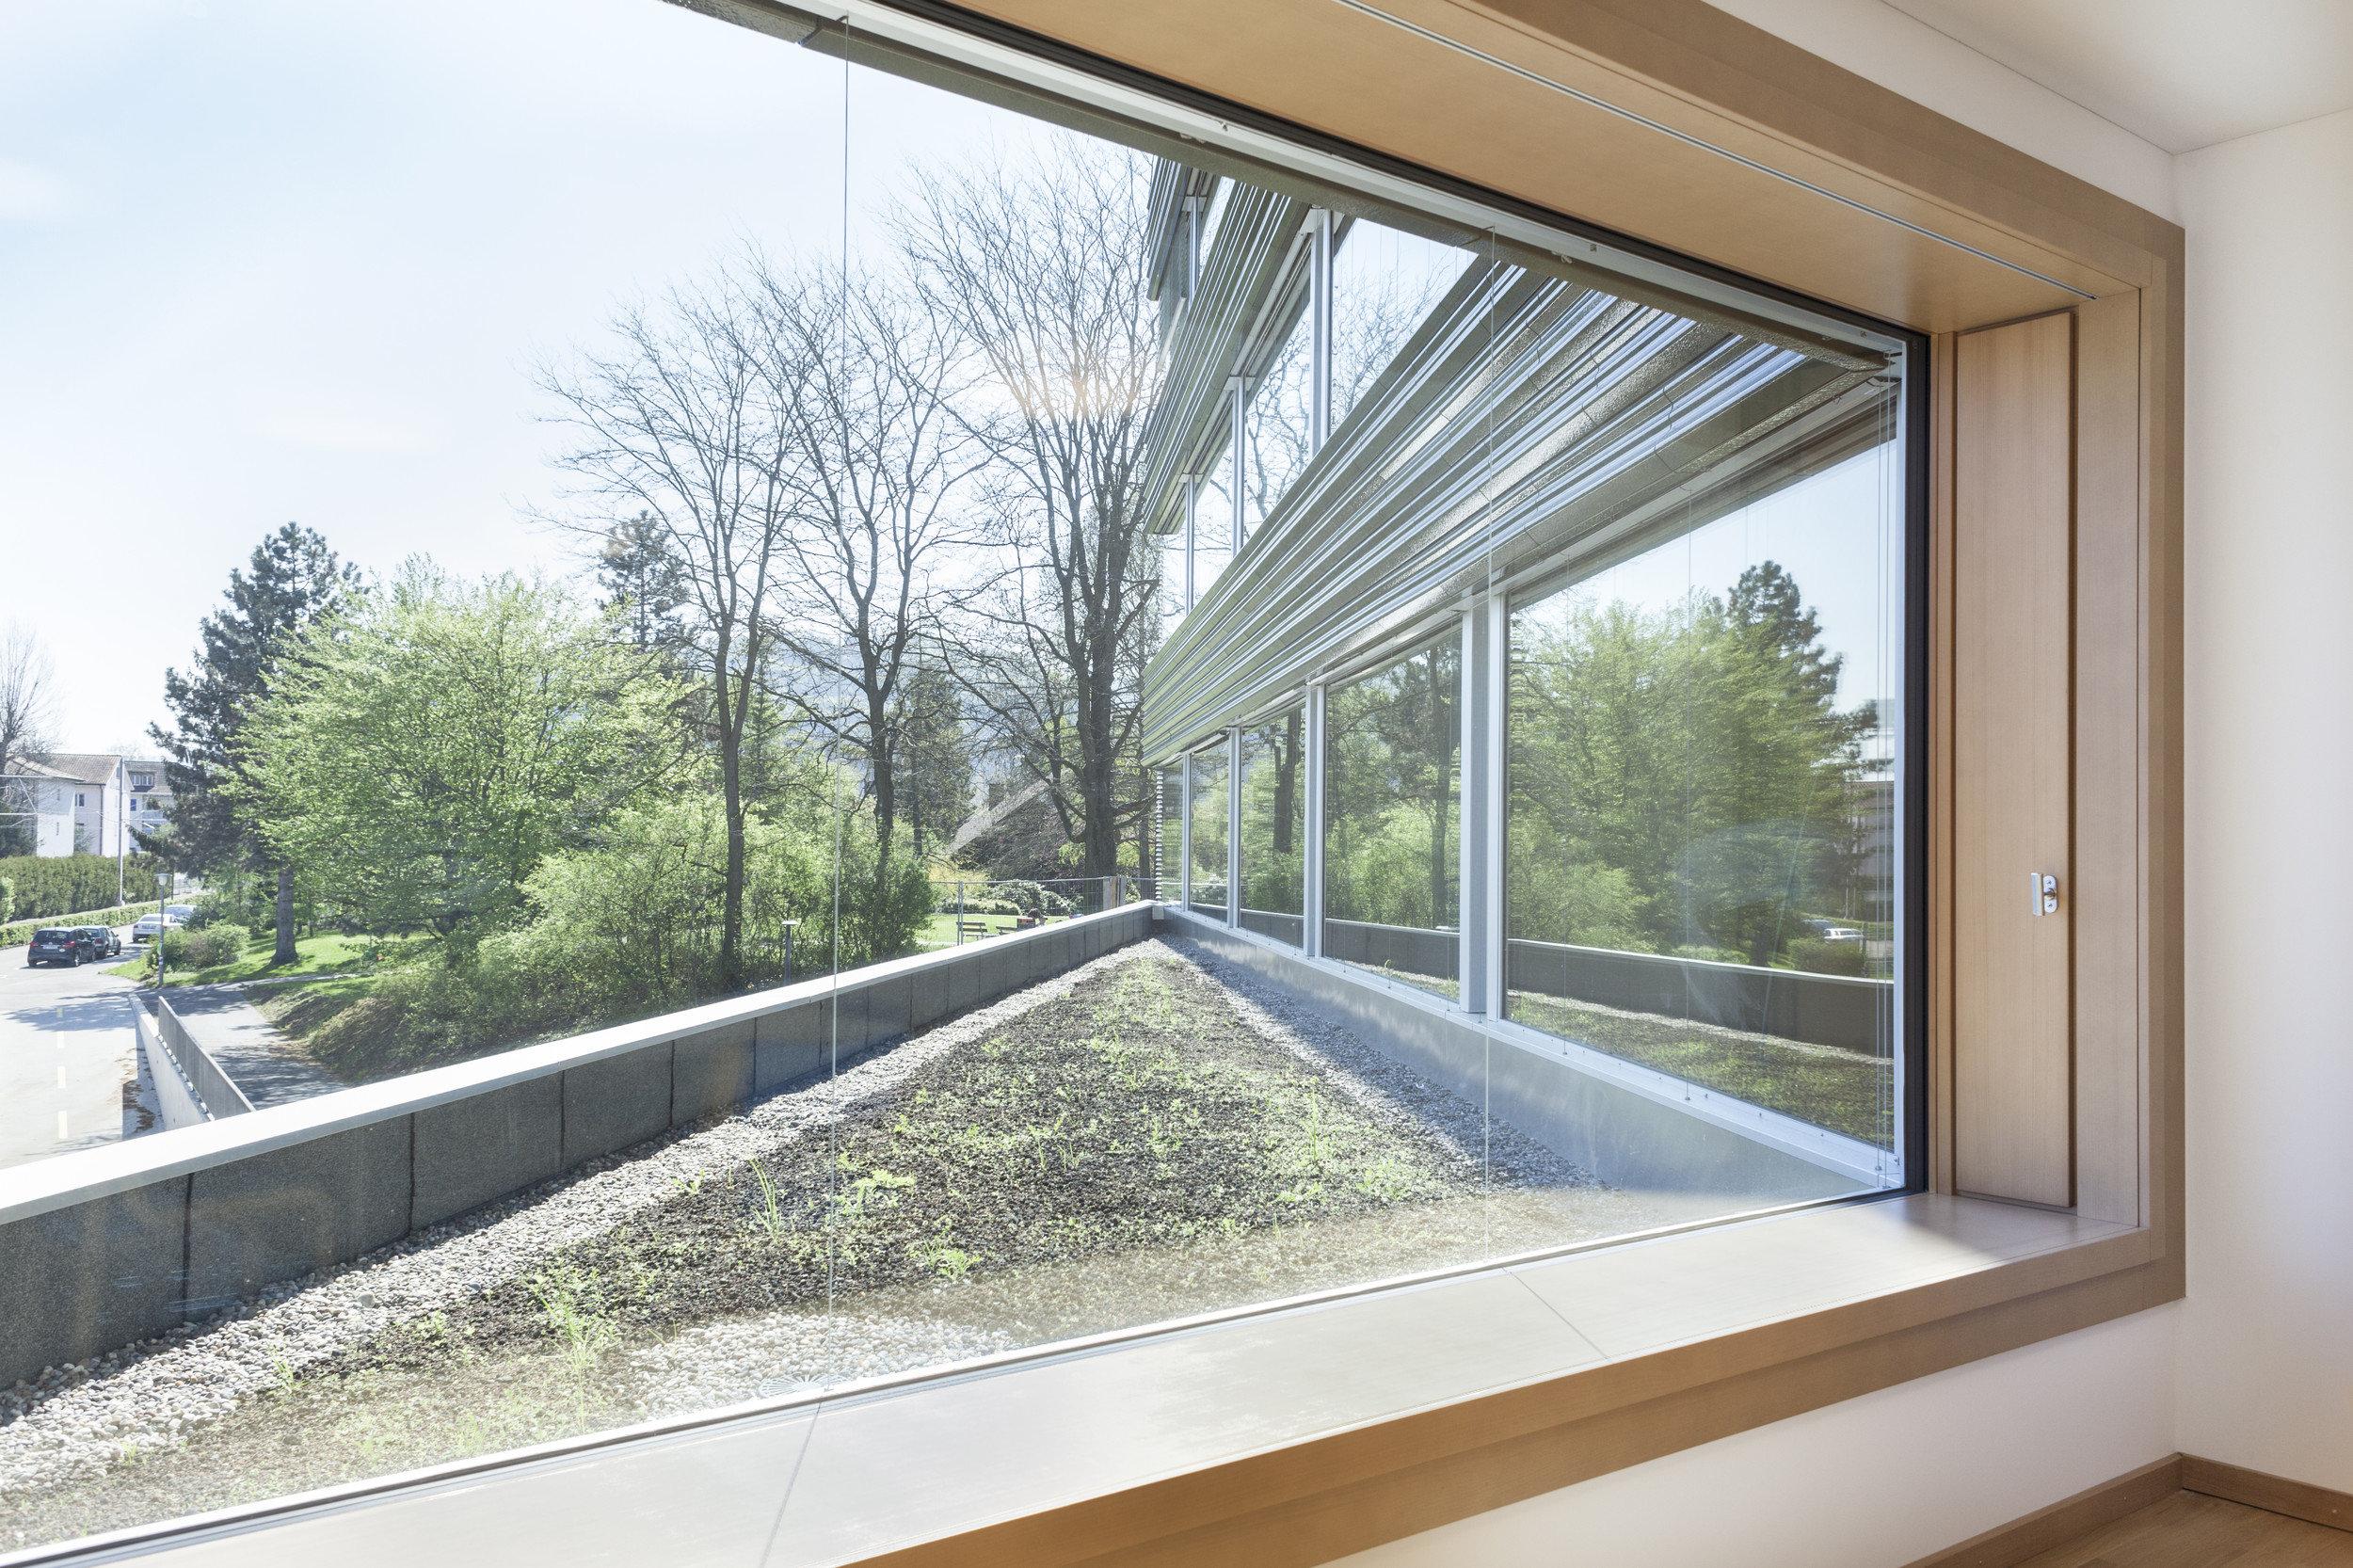 grosses lichtspendendes Einflügelfenster in Holz-Metall von innen